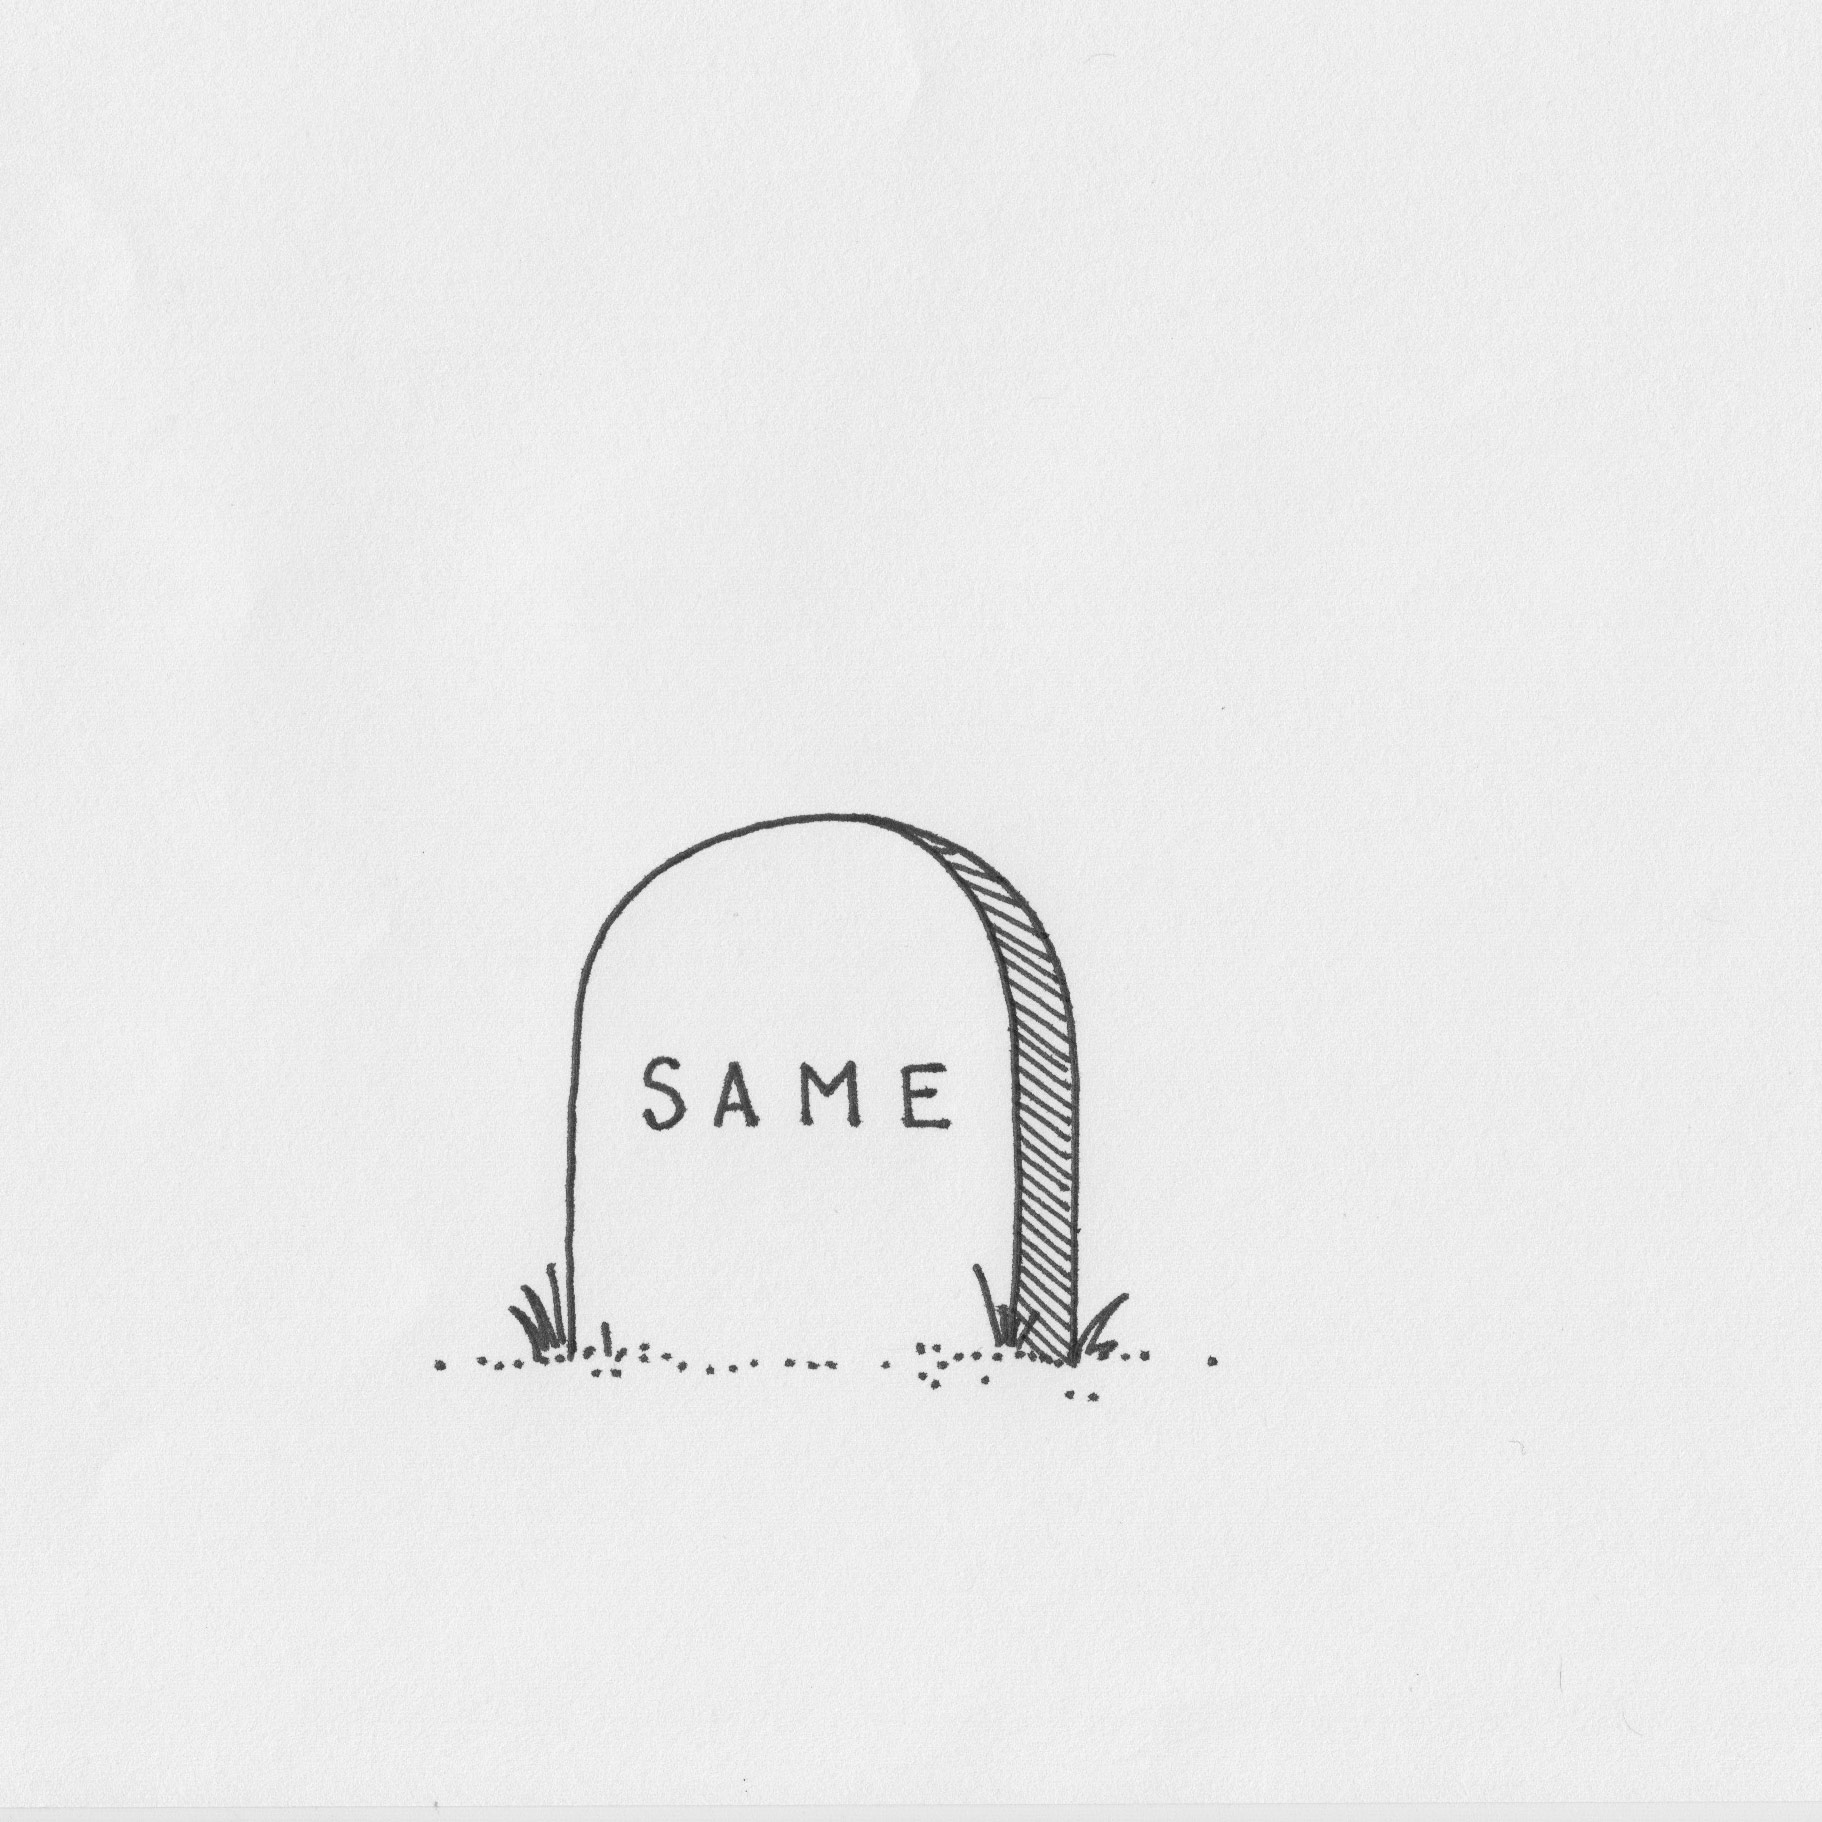 Same  (2018); Pen on sketch paper